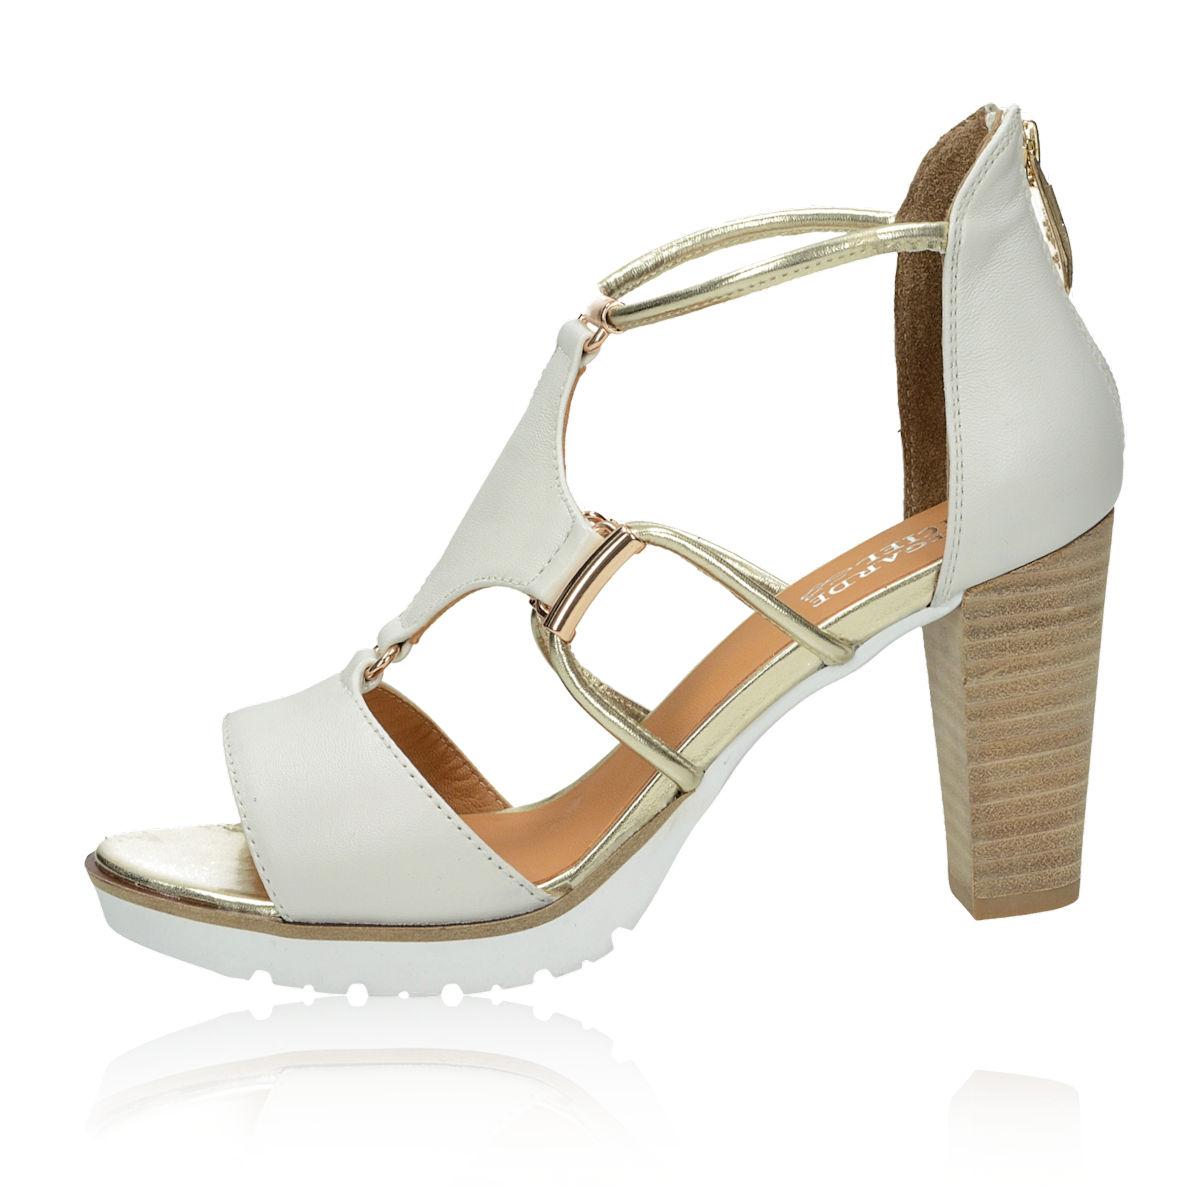 Regarde le ciel dámské kožené stylové sandály - bílé